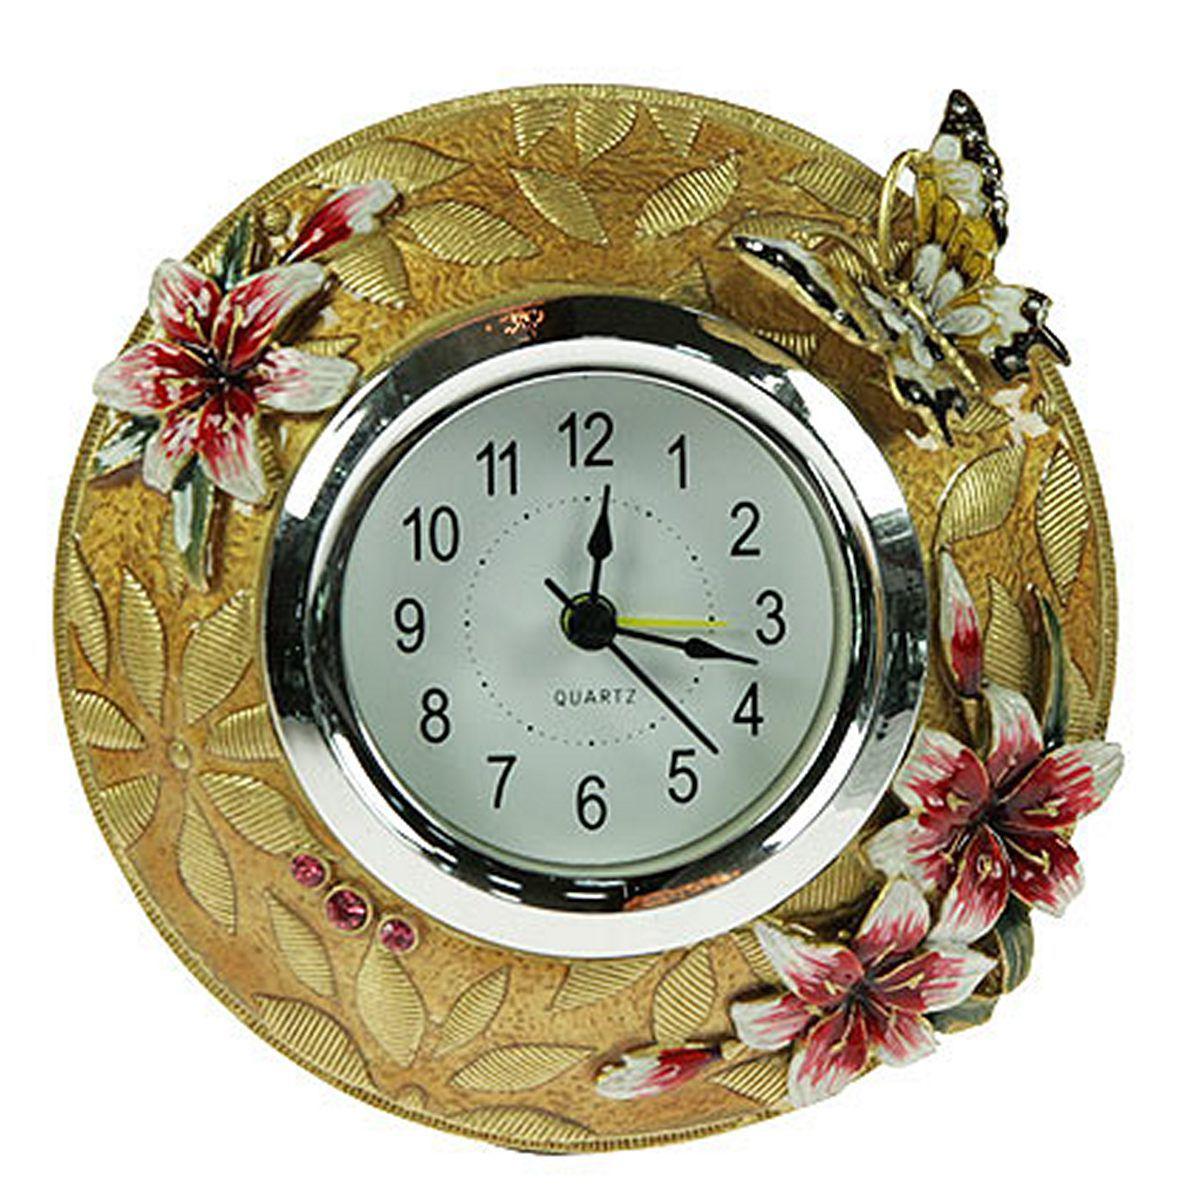 Часы настольные Русские Подарки Золотая пора, 14 х 14 х 8 см. 224805224805Настольные часы Русские подарки Золотая пора - очень оригинальные и стильные настольные часы. Корпус выполнен из полистоуна. Они прекрасно впишутся практически в любой интерьер и станут превосходным украшением вашей комнаты. Это красивый и практичный подарок на любое торжество для родных и близких.